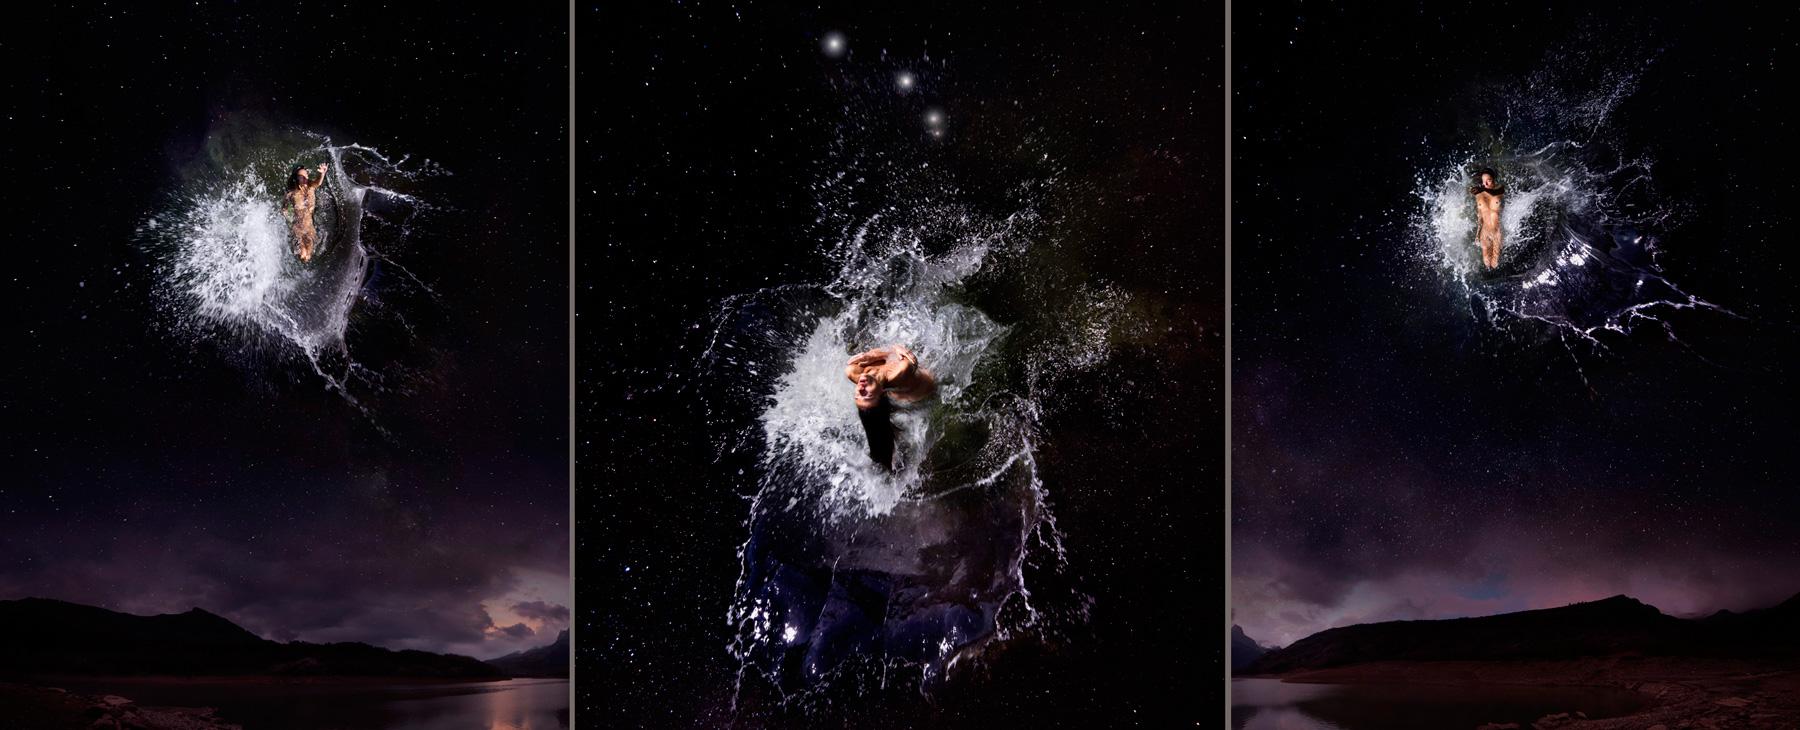 EUFONÍA de la Constelación de ARIES. Fotografía digital nocturna y acuática. Configuración y retoque digitales